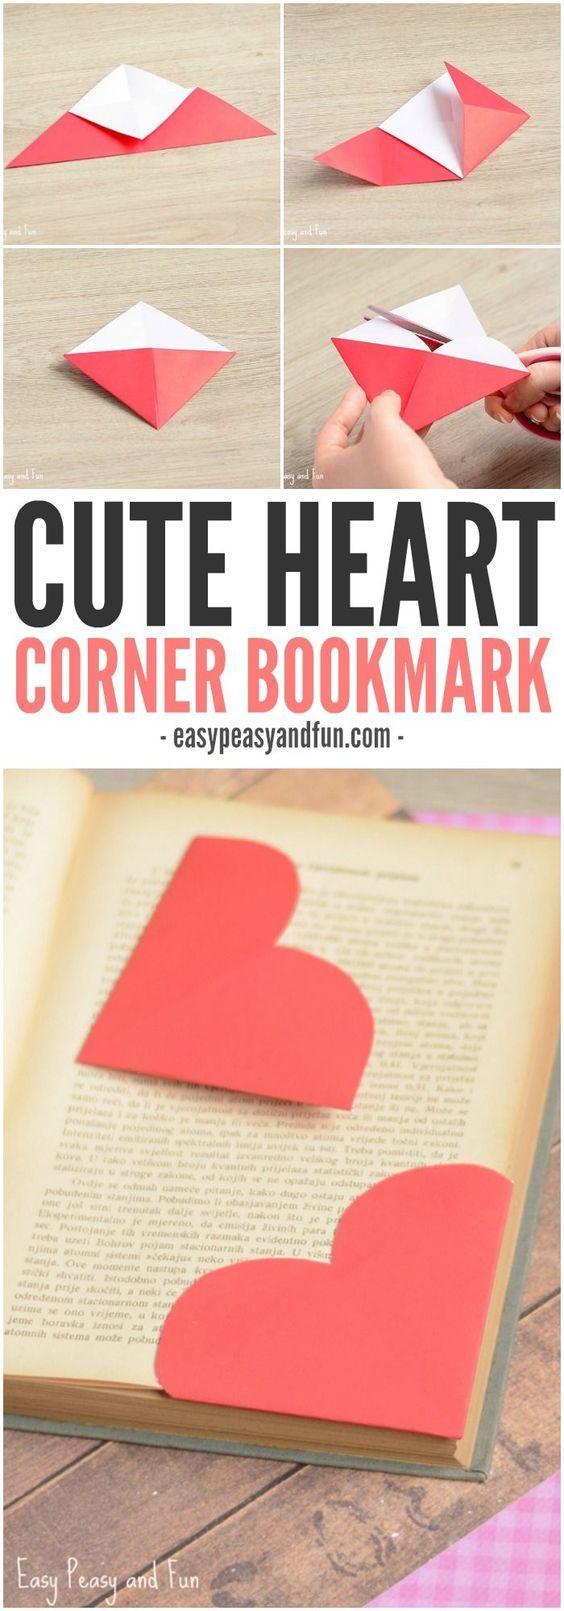 Heart Corner Bookmarks 52 best images